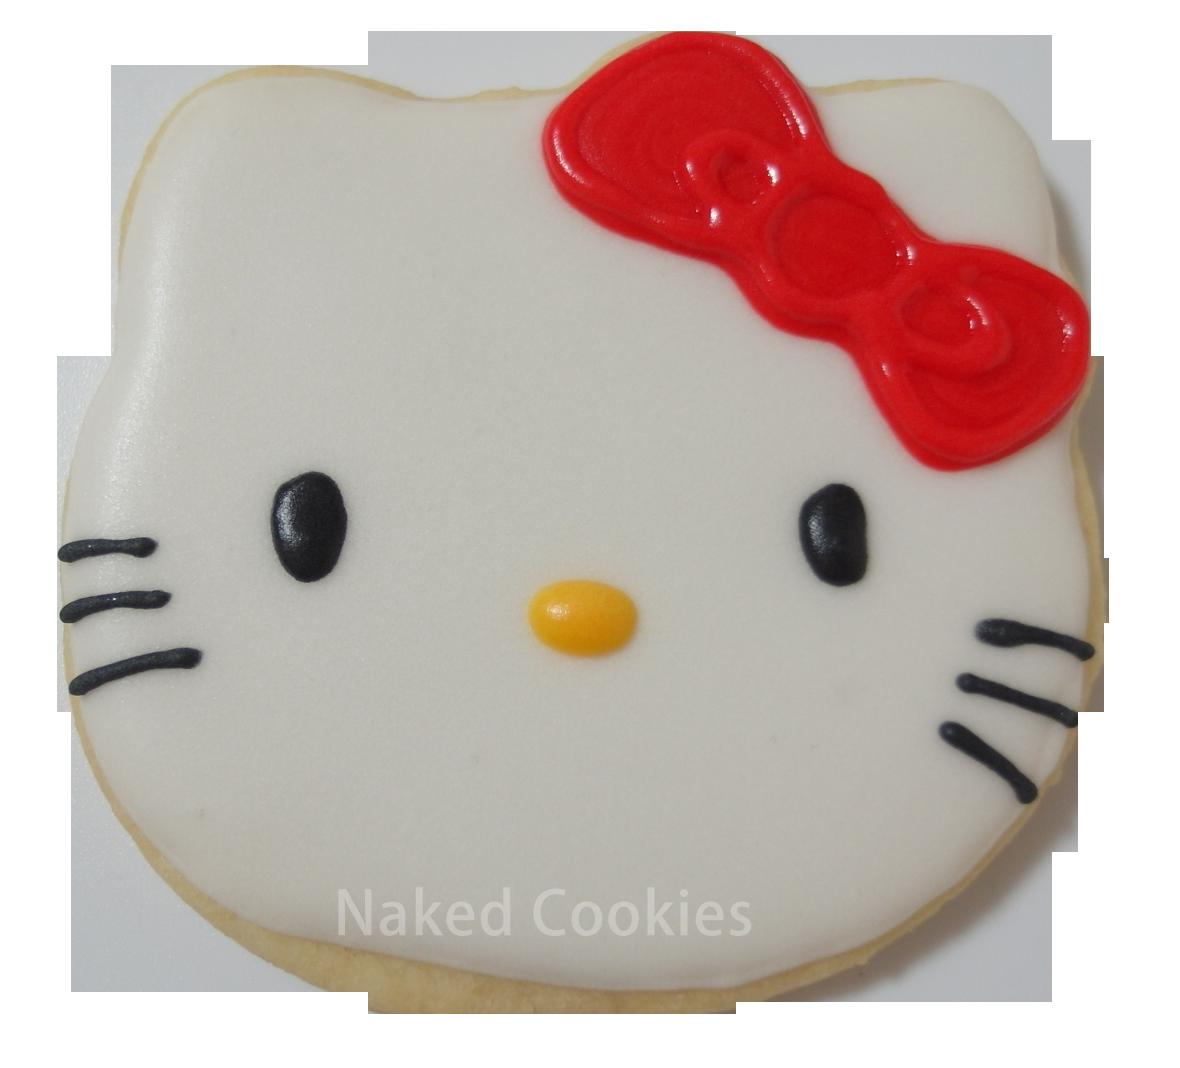 【裸餅乾Naked Cookies】Kitty-特殊客製6入-創意手工糖霜餅乾,婚禮/生日/活動/收涎/彌月